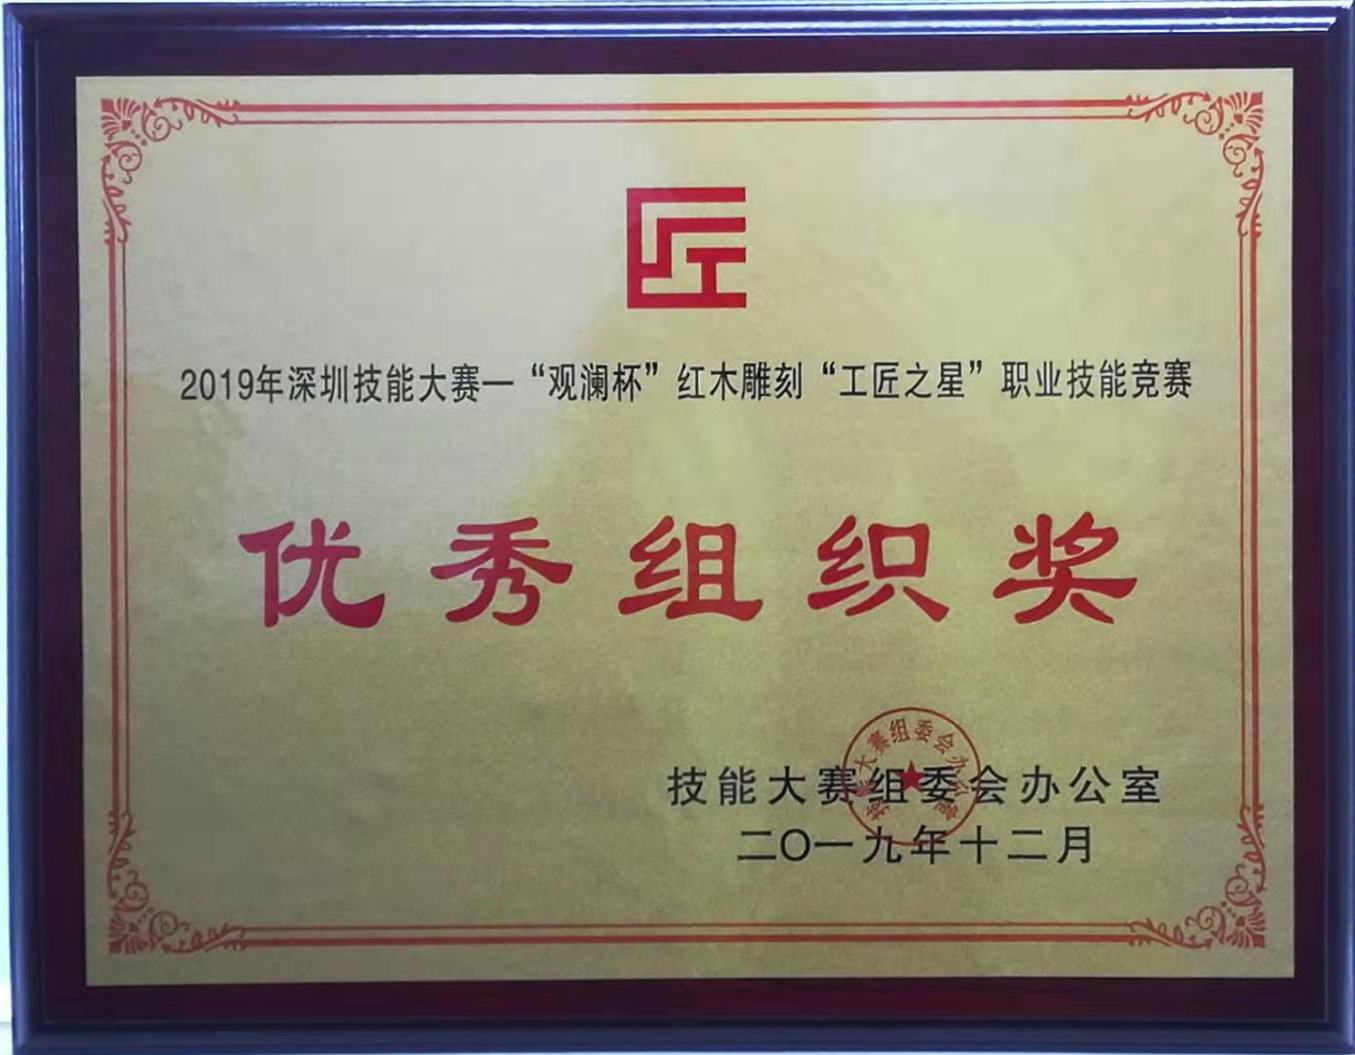 职业技能竞赛优秀组织奖